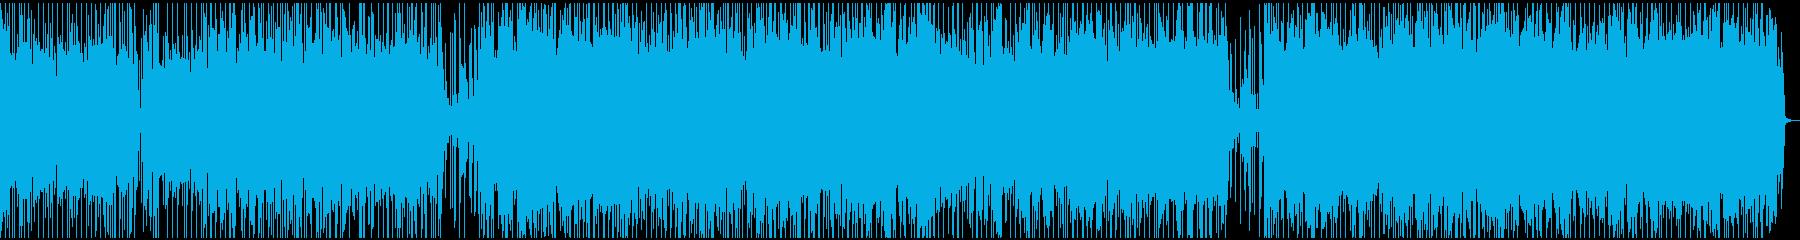 夏の海に飛び込みたくなるライトロックの再生済みの波形